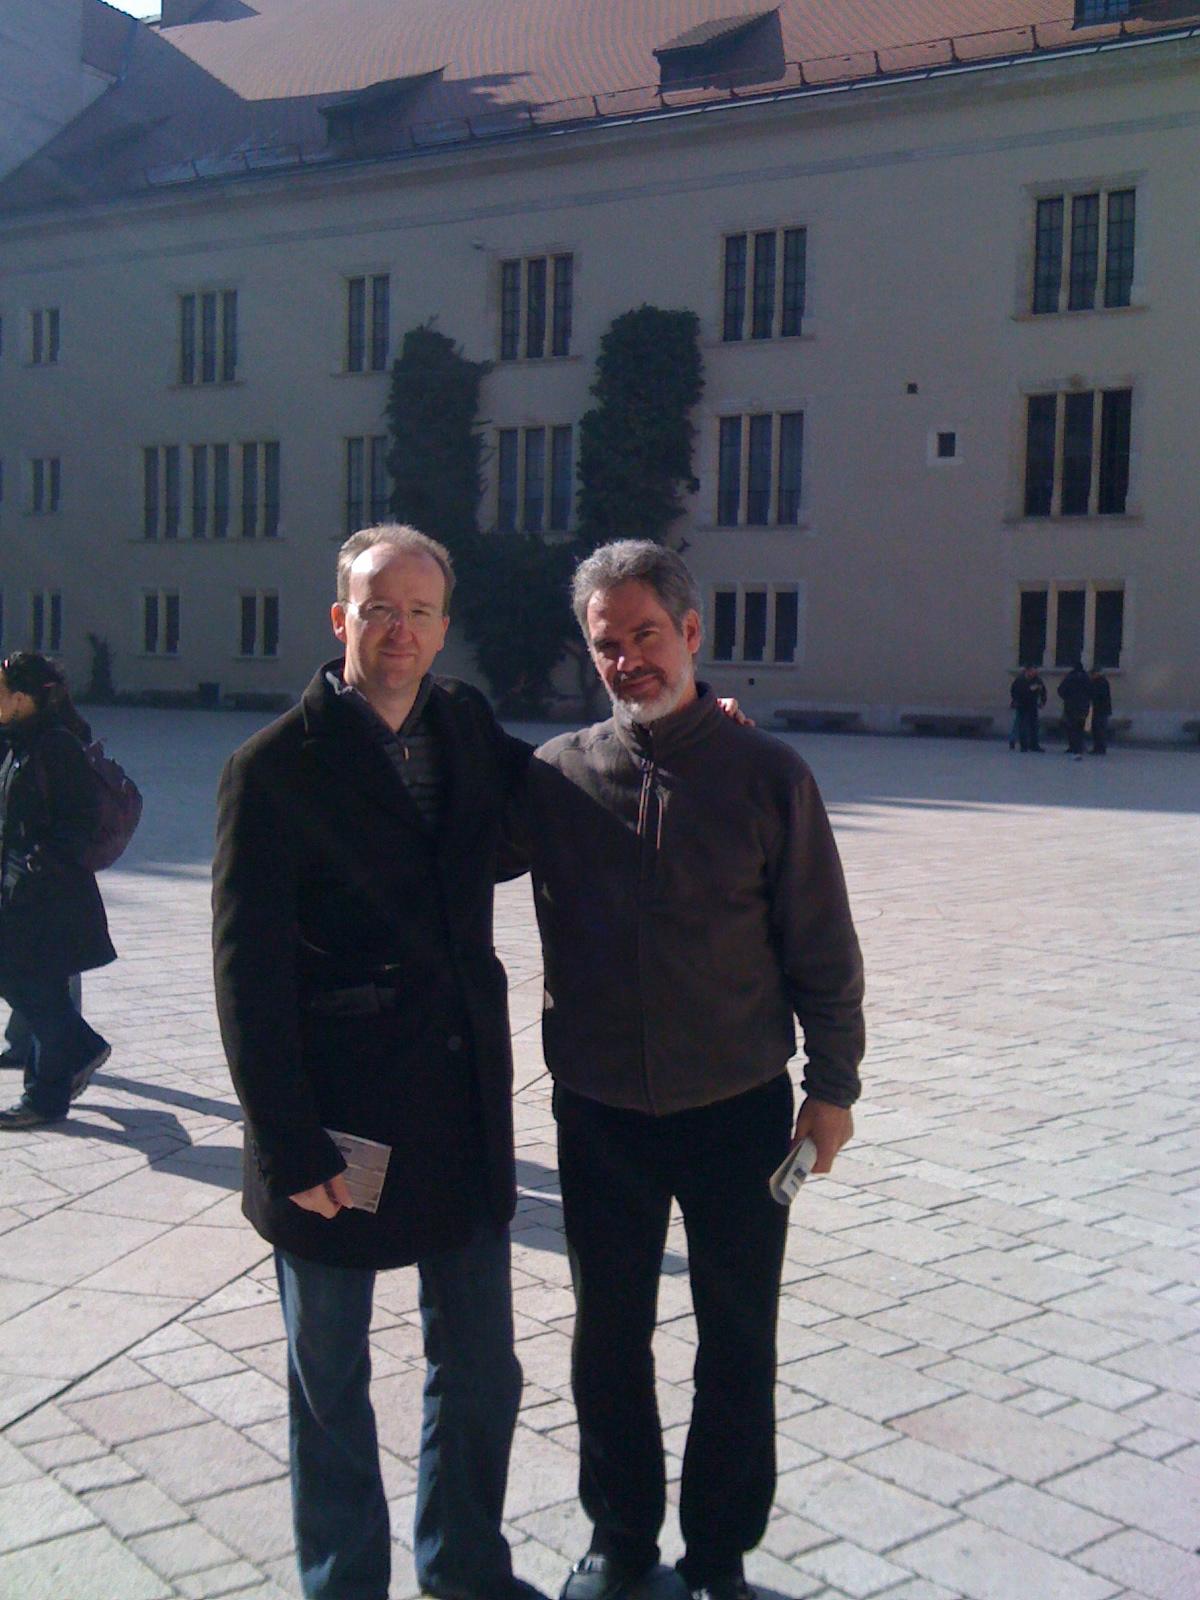 With Paul Galbraith